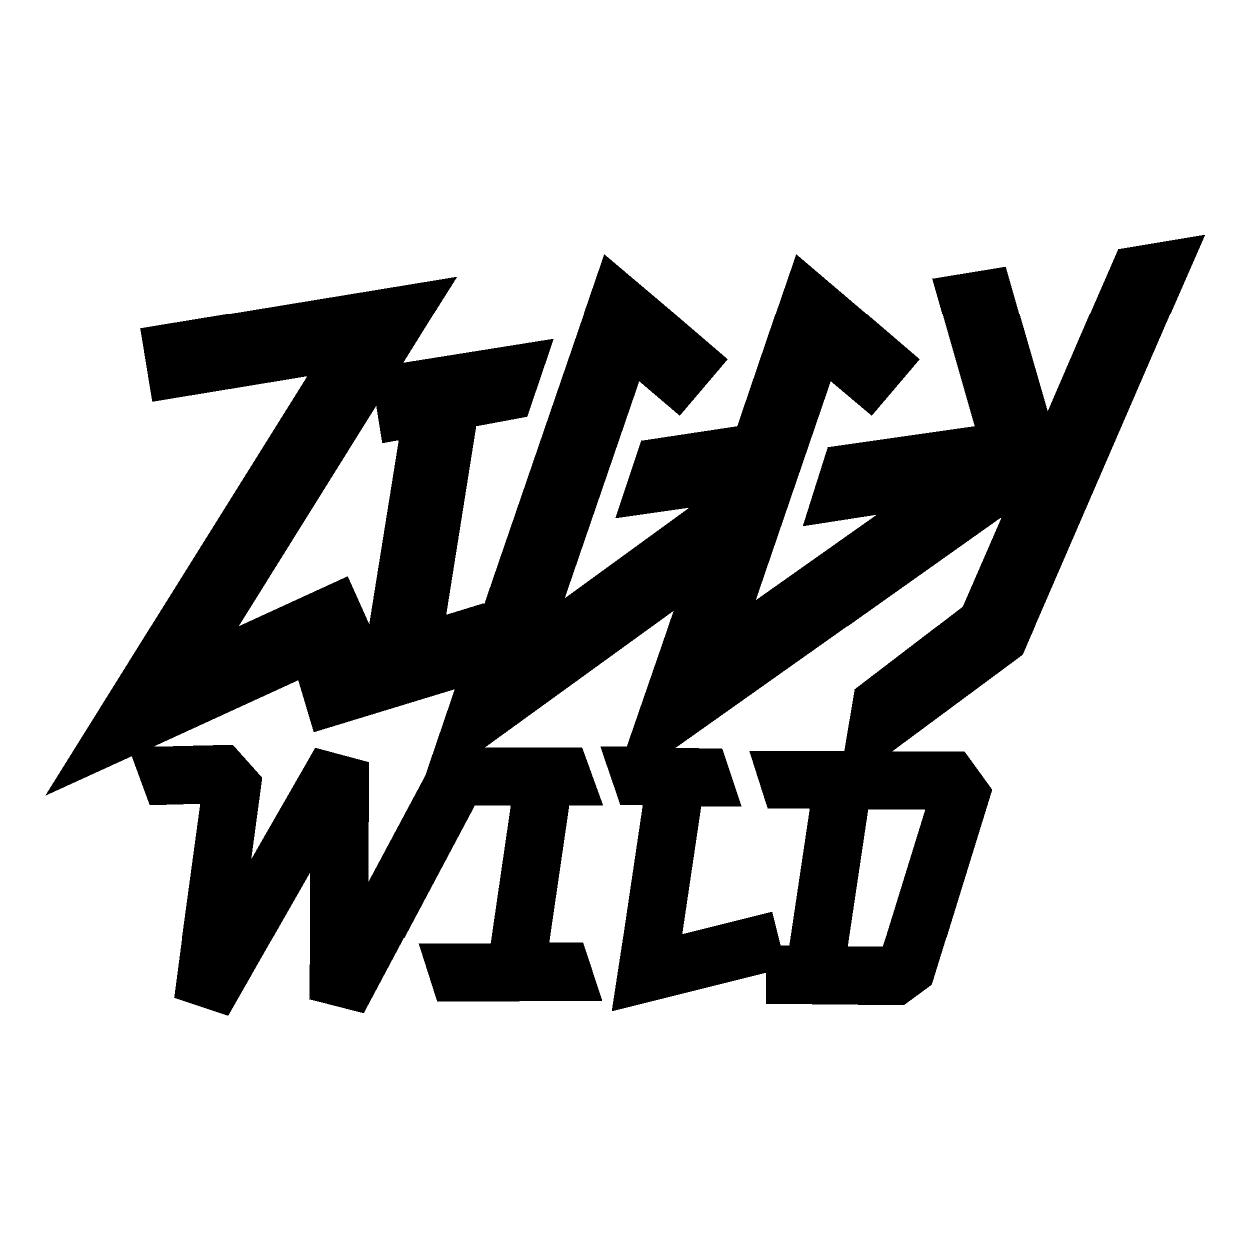 Ziggi Wild